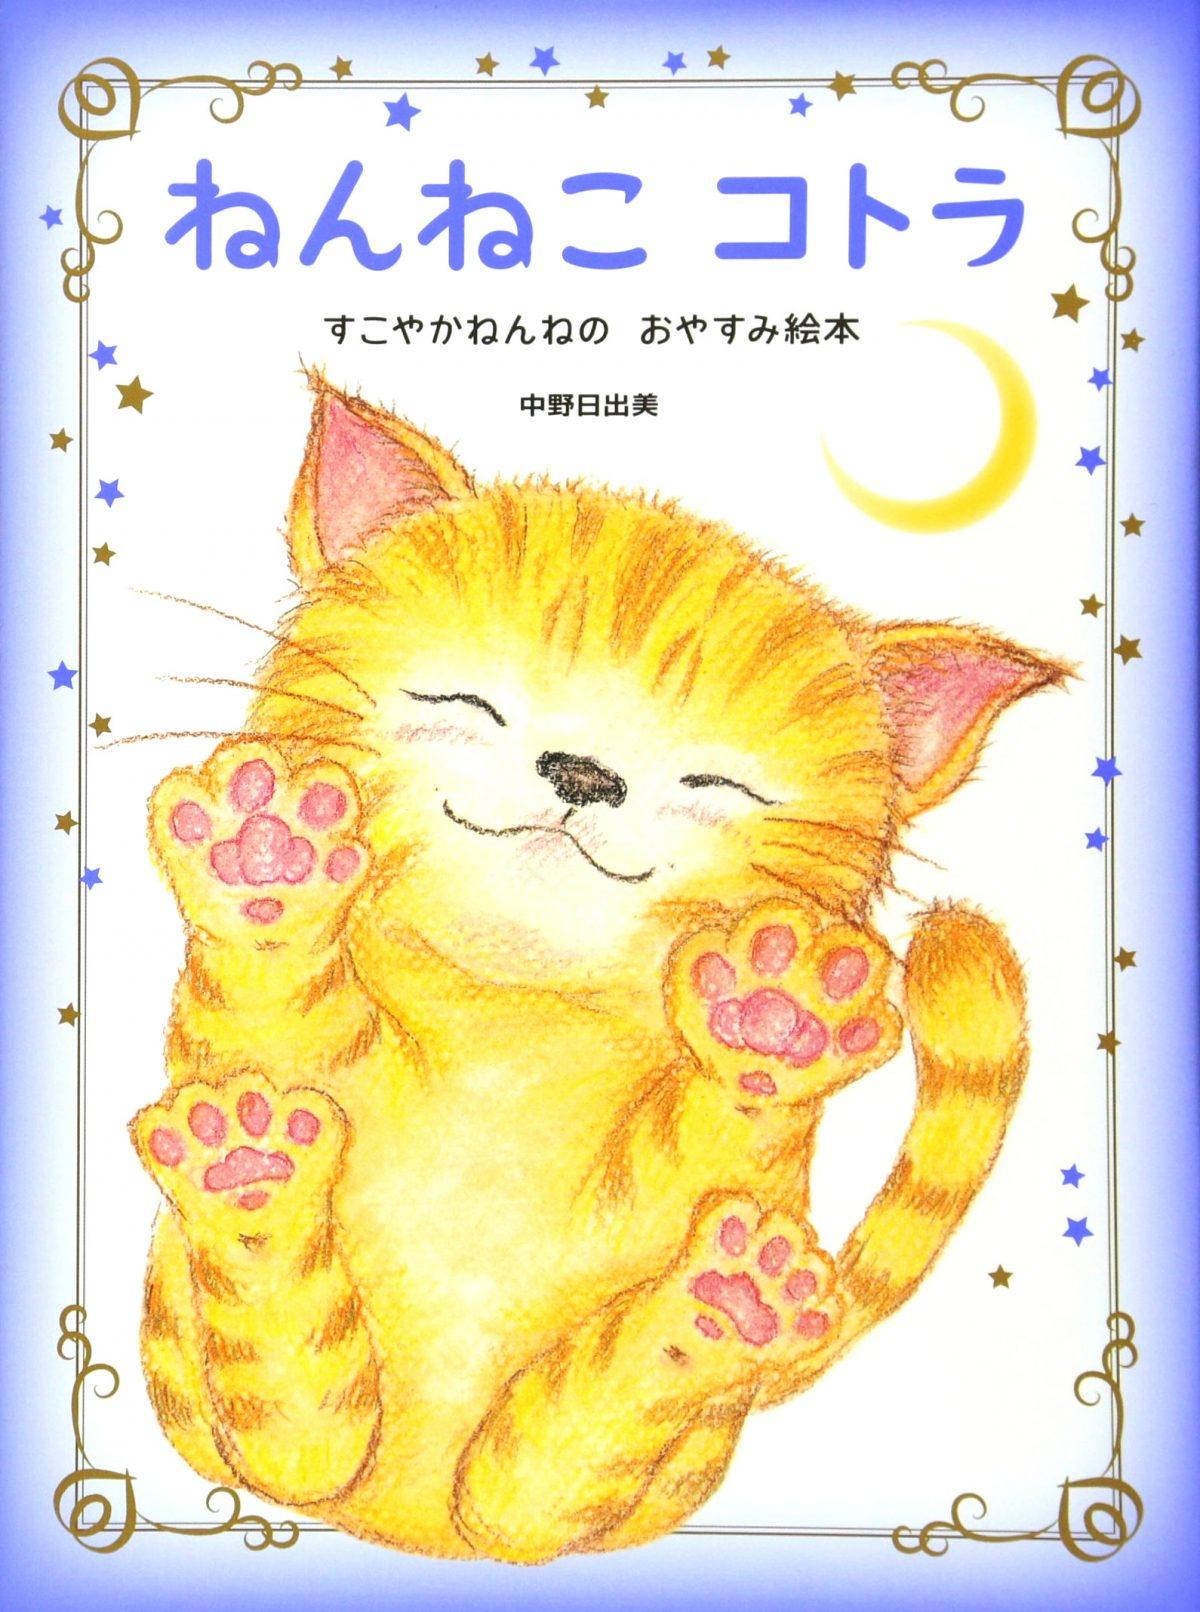 絵本「ねんねこ コトラ すこやかねんねのおやすみ絵本」の表紙